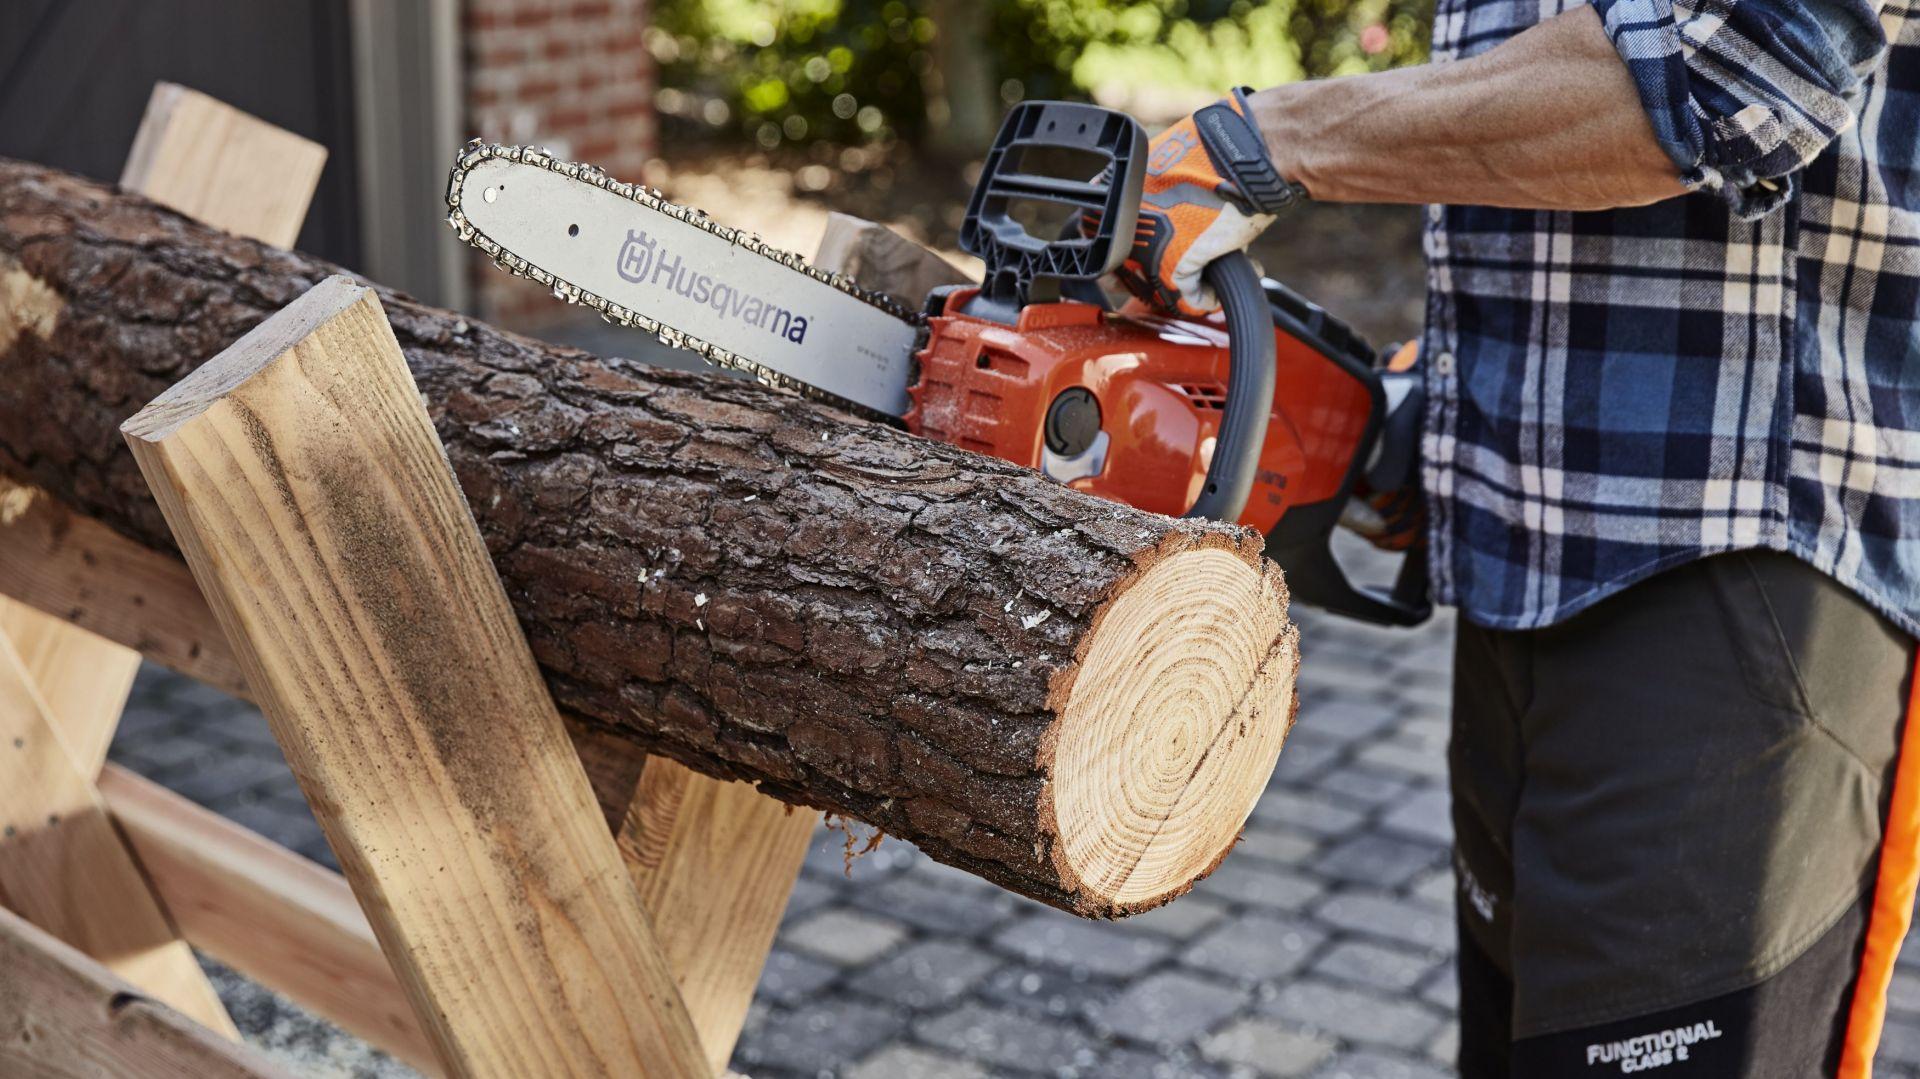 Prace w ogrodzie - cięcie drewna. Fot. Husqvarna